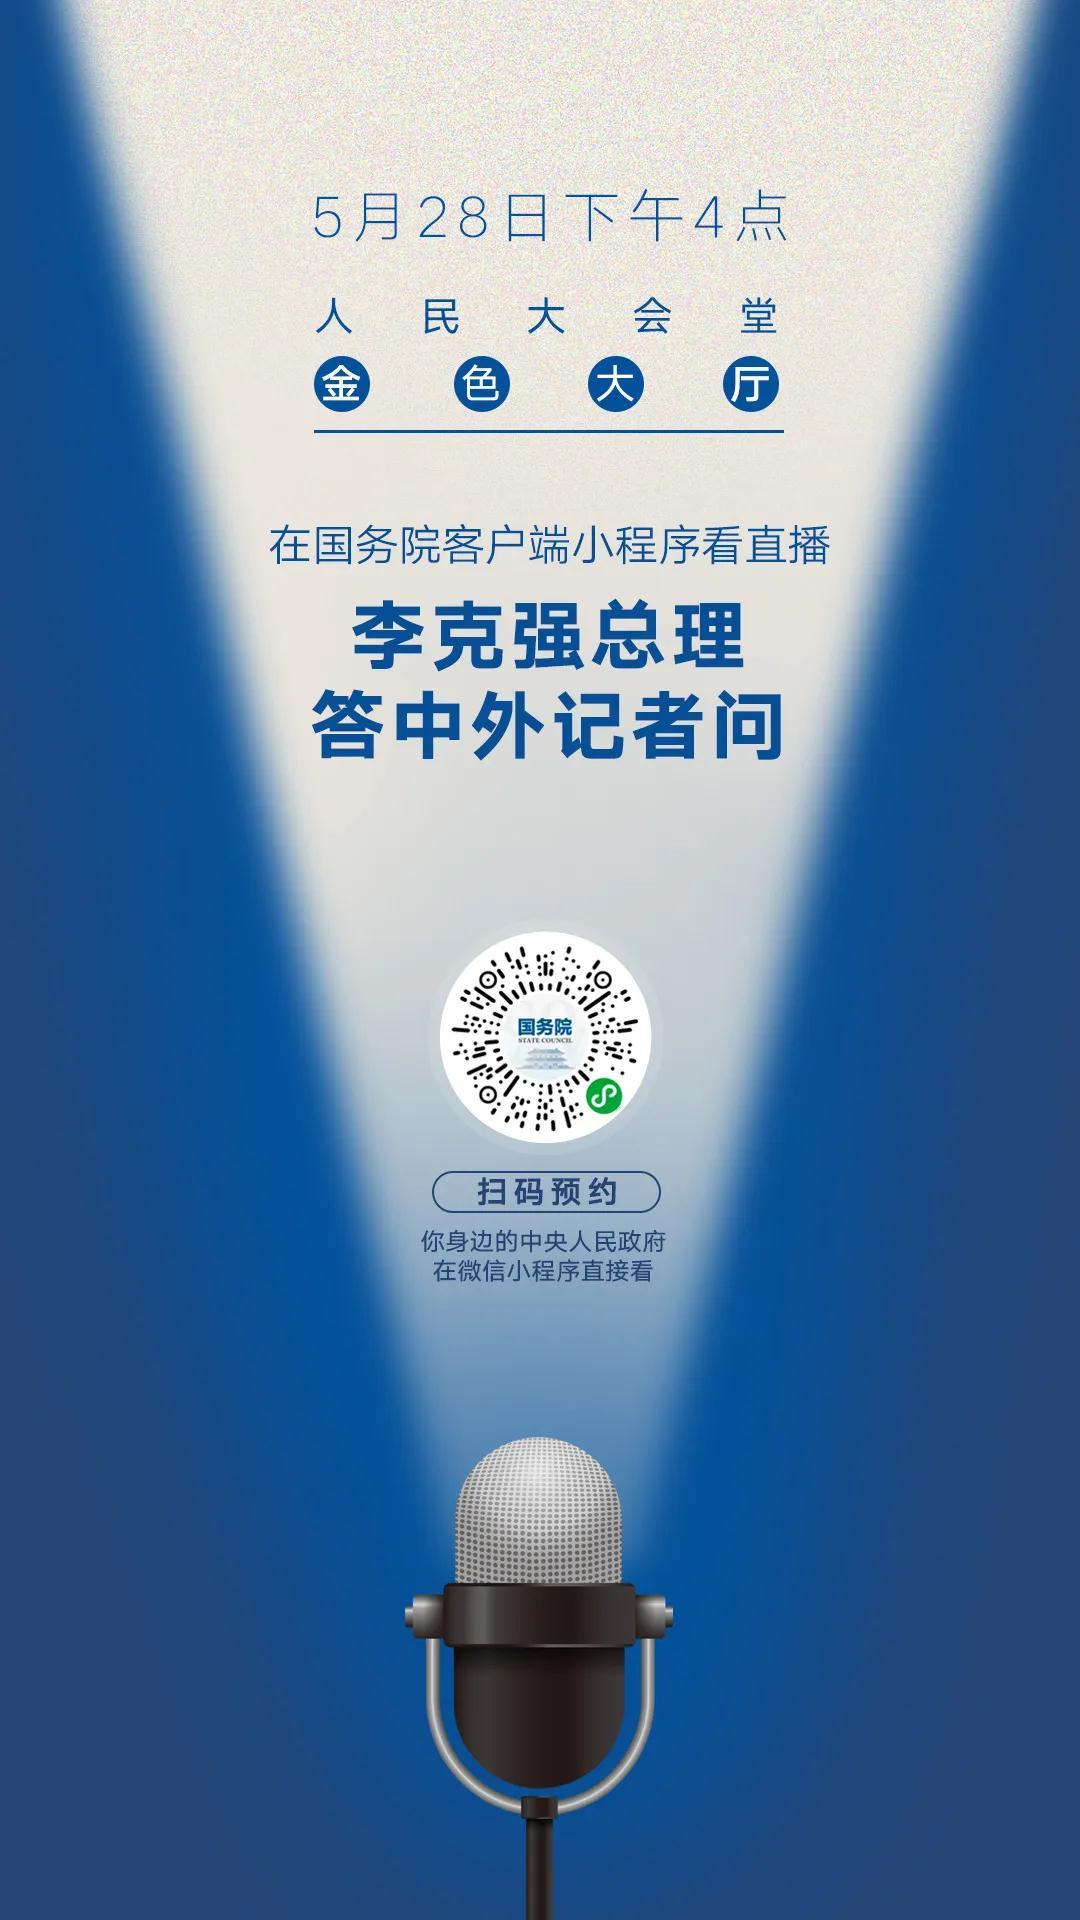 李克强总理记者会将于5月28日16时举行